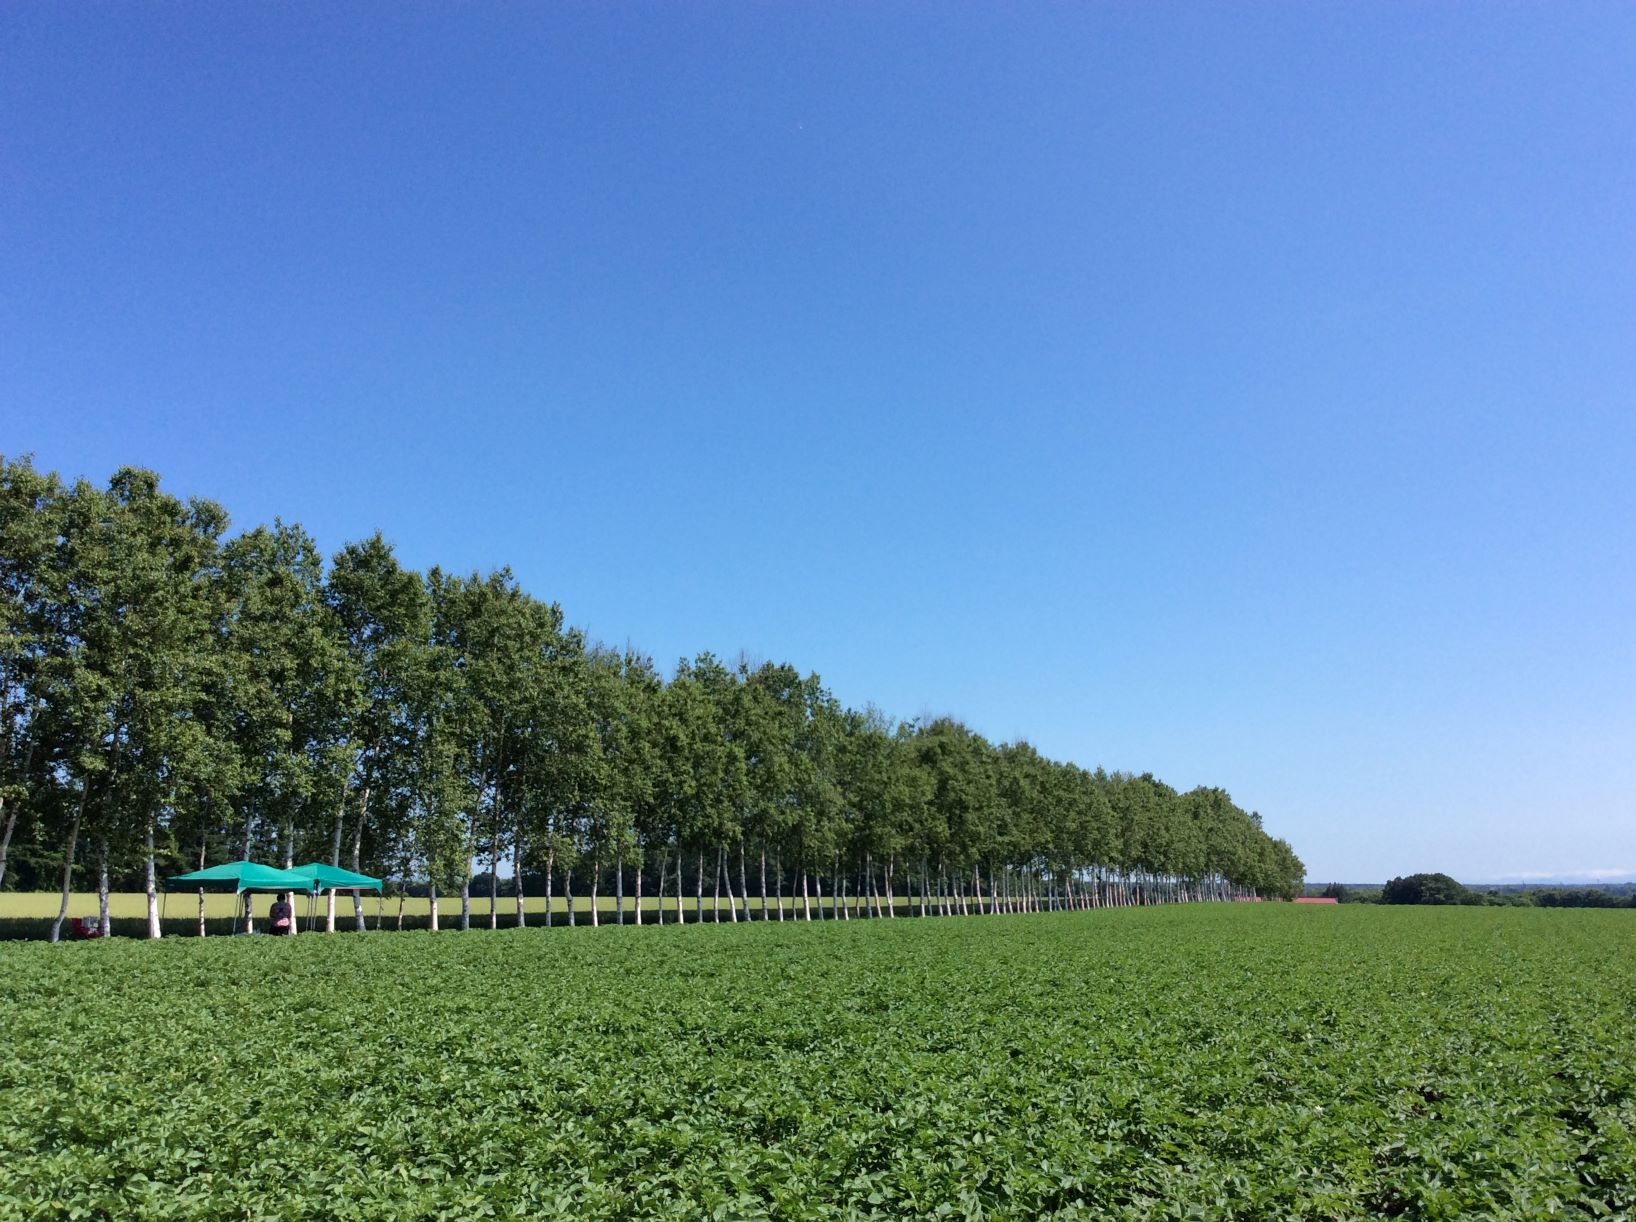 新型コロナウィルスの感染拡大に伴う農場ピクニックの開始時期延期について